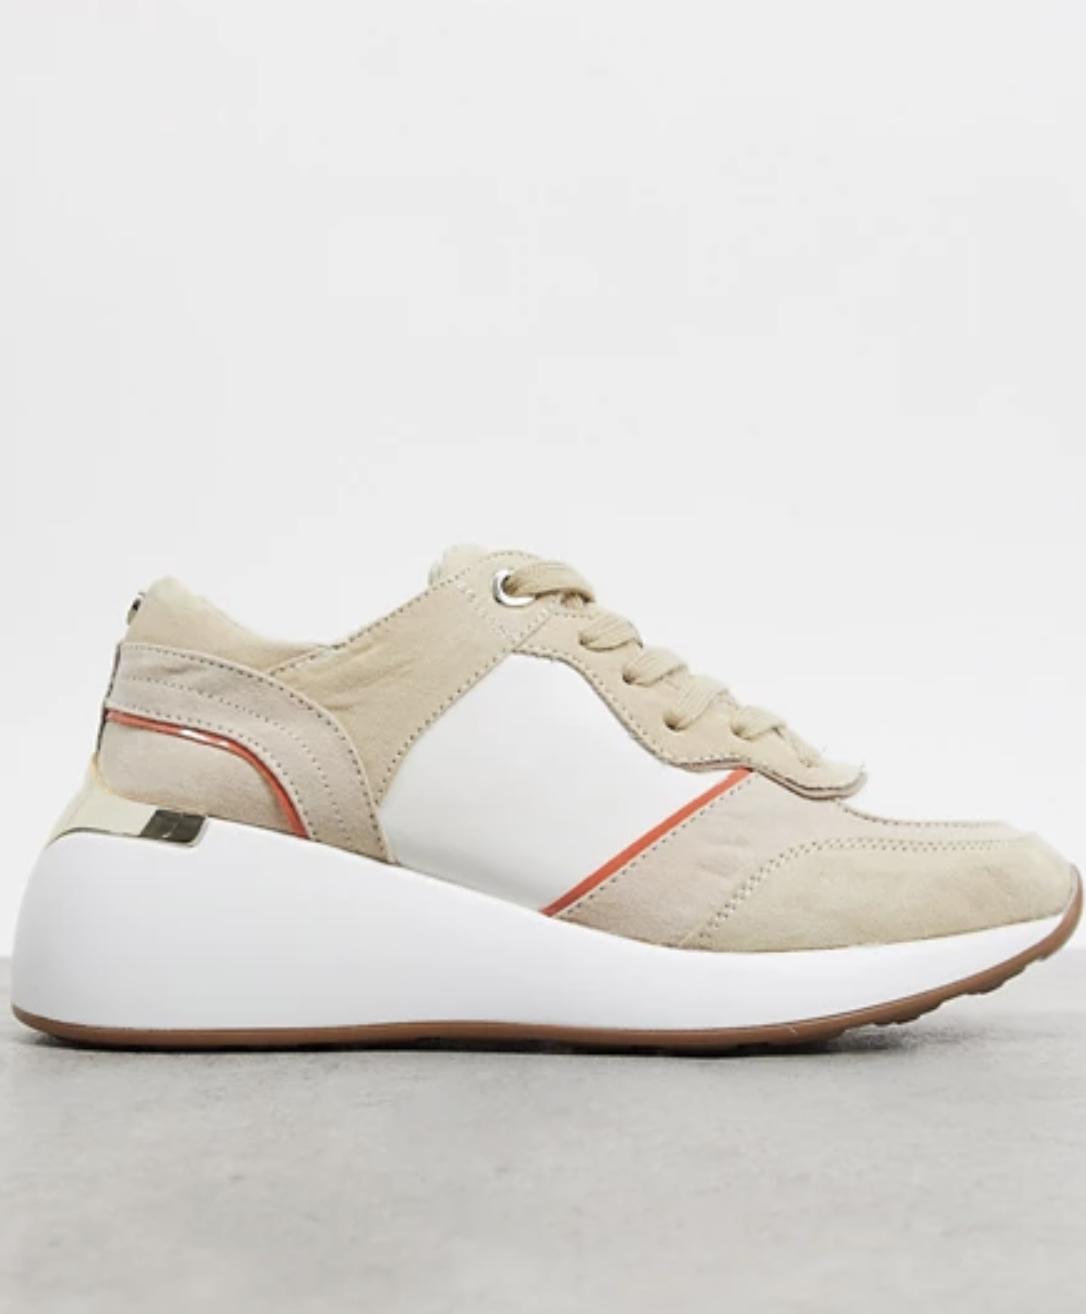 Zapatillas de deporte blancas y beis de diseño retro de London Rebel